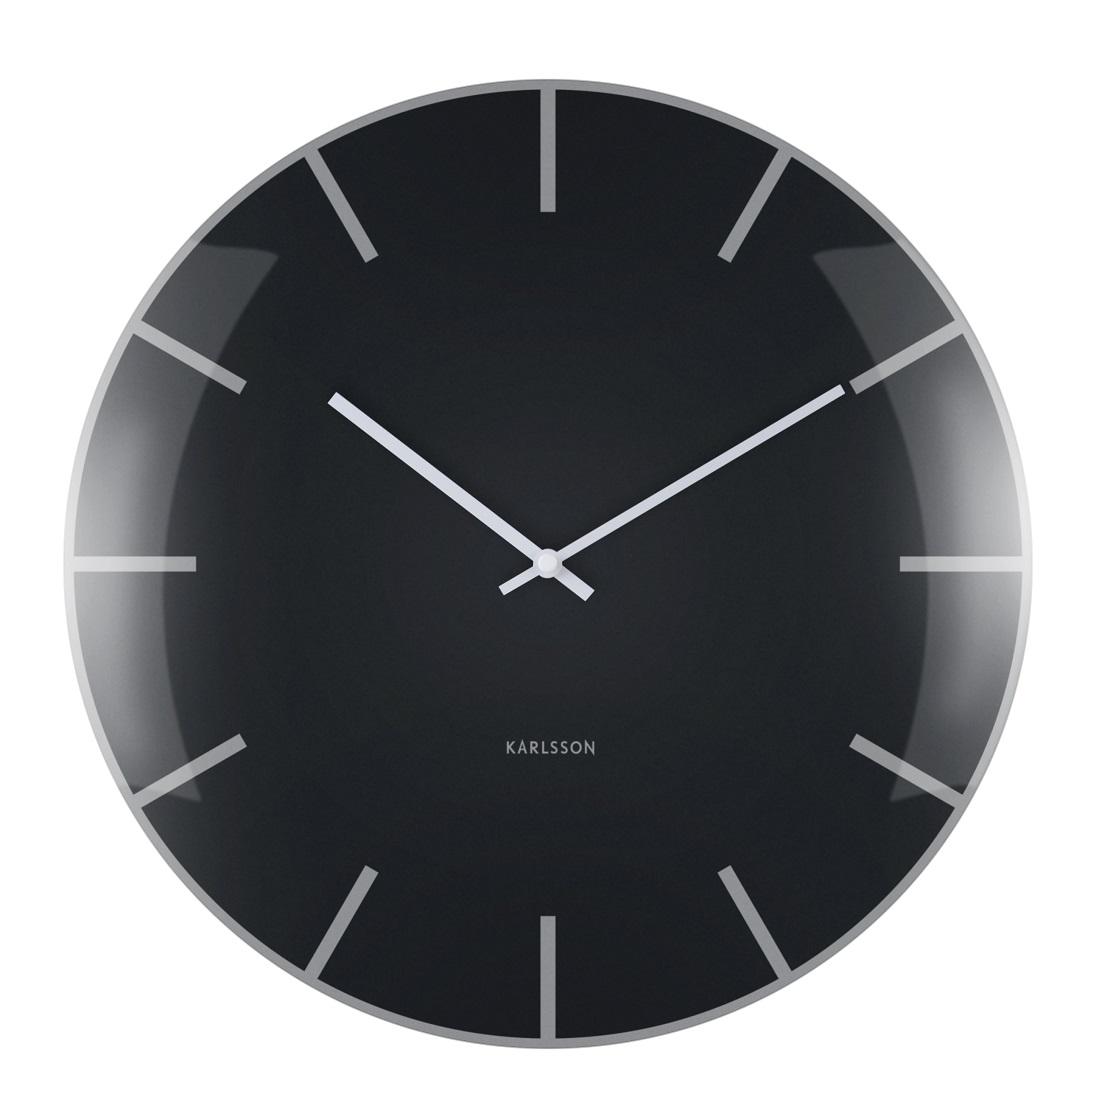 Ρολόι Τοίχου Karlsson Dome Black. ΚΛΙΚ ΓΙΑ ΜΕΓΕΘΥΝΣΗ 9e72ae77b6f